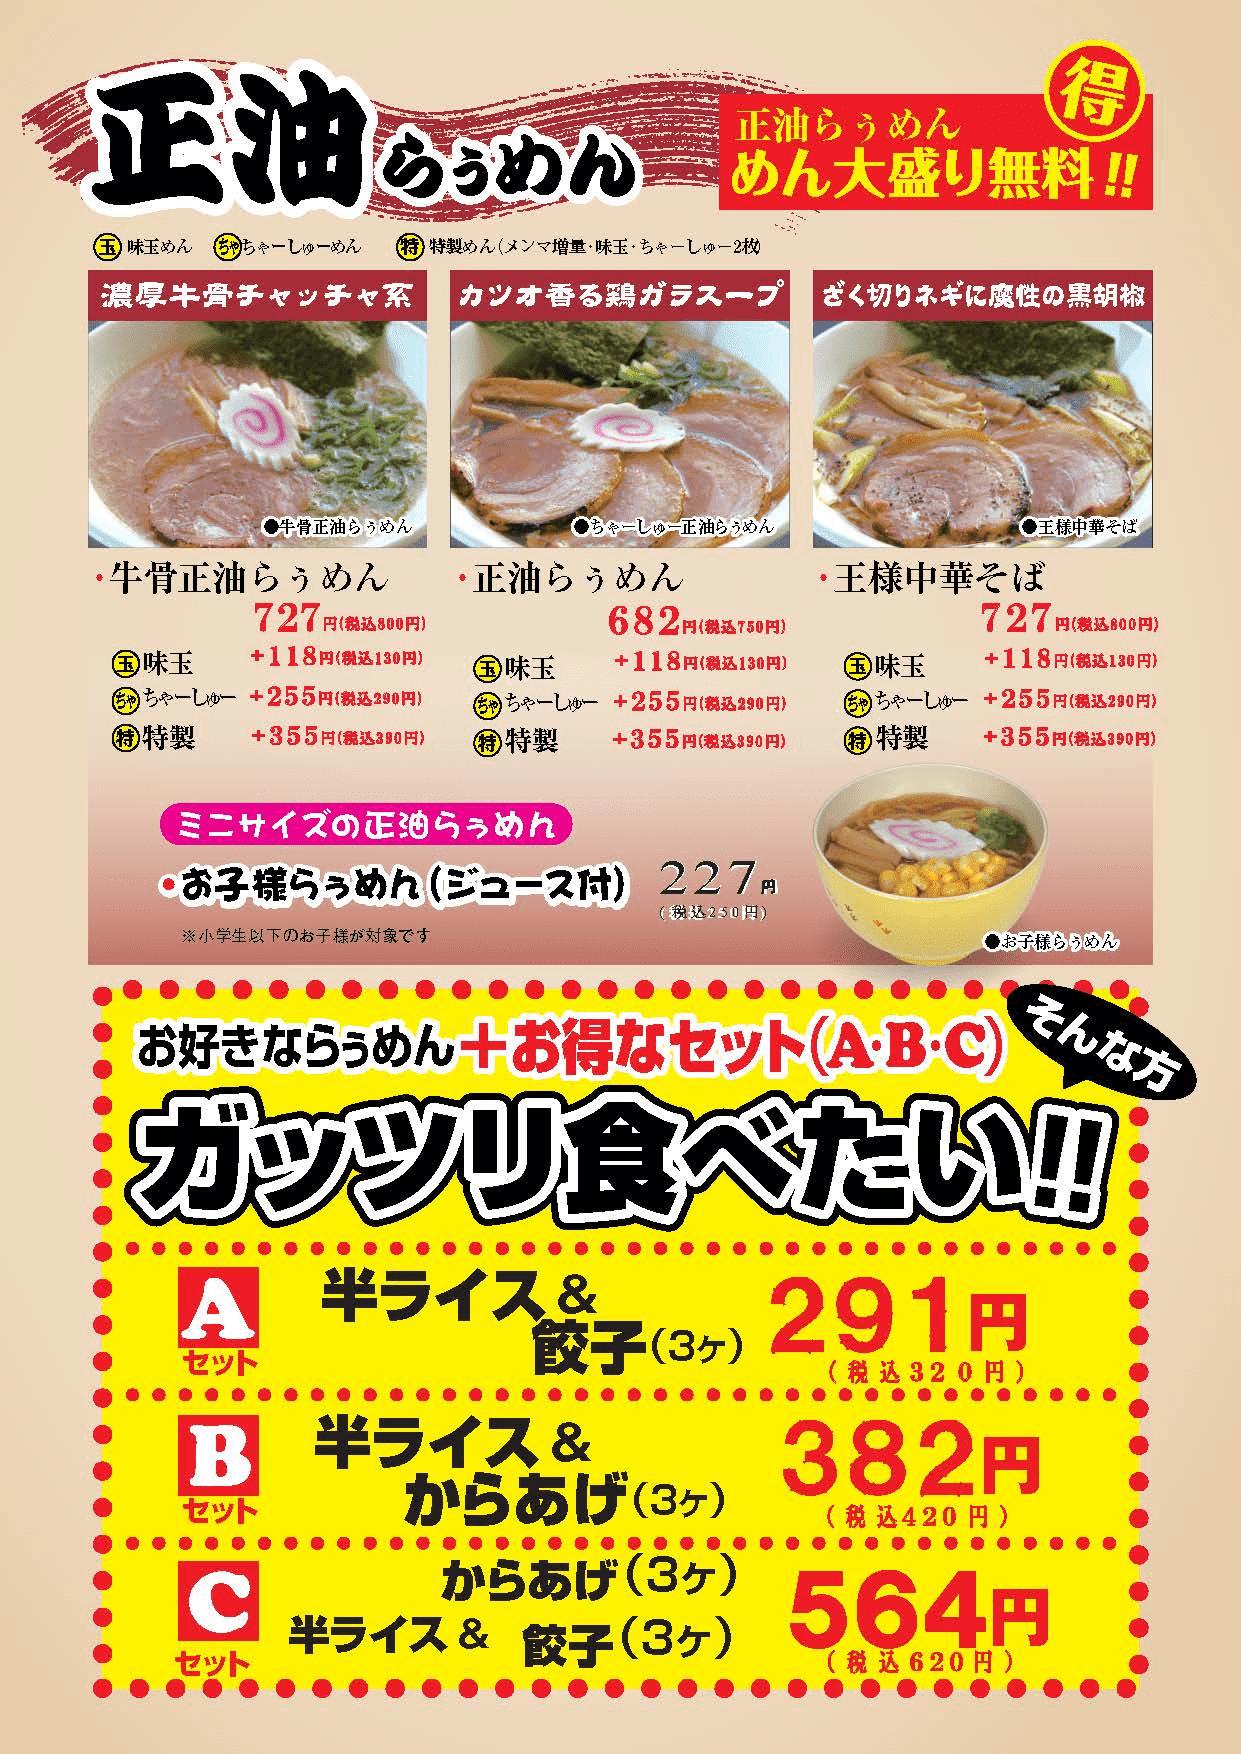 権堂大衆酒場吟屋グランドメニュー3